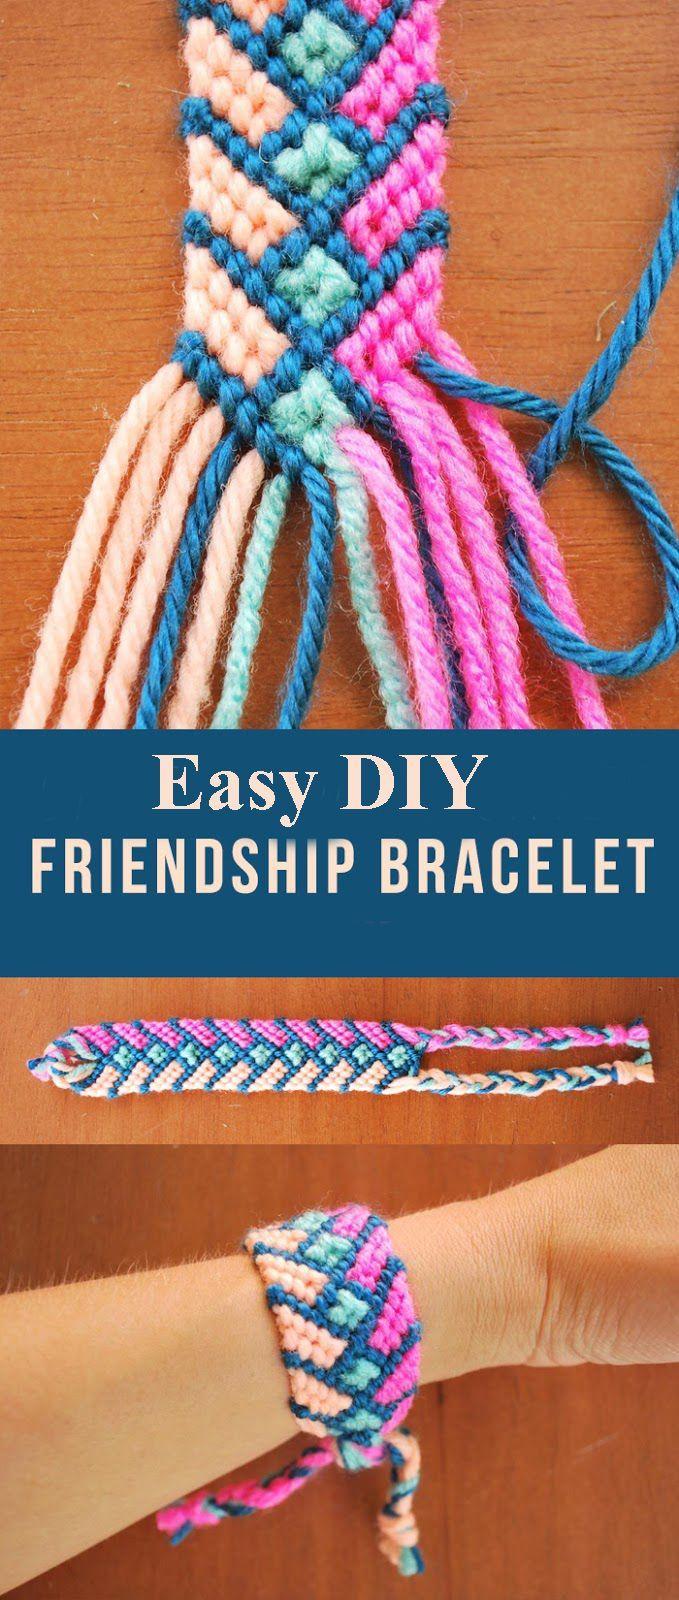 Easy DIY Friendship Bracelet Learn how to make Easy Friendship Bracelet DIY #urkds #Friendship_Bracelet_DIY #Friendship_Bracelet #easyfriendshipbraceletpatterns